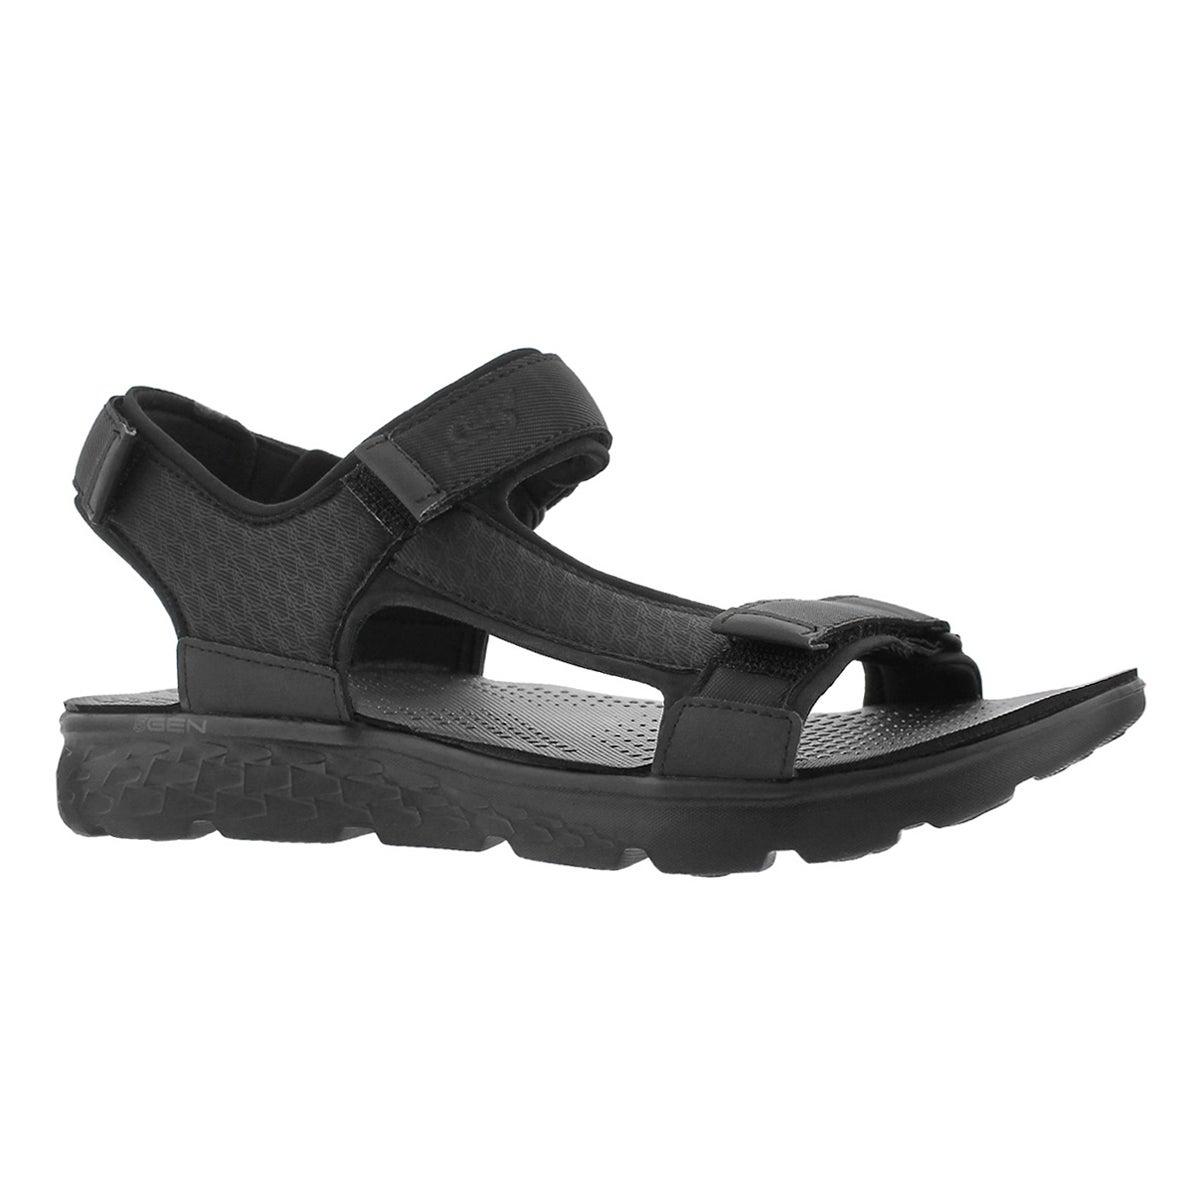 Men's ON-THE-GO 400 EXPLORER black sandals